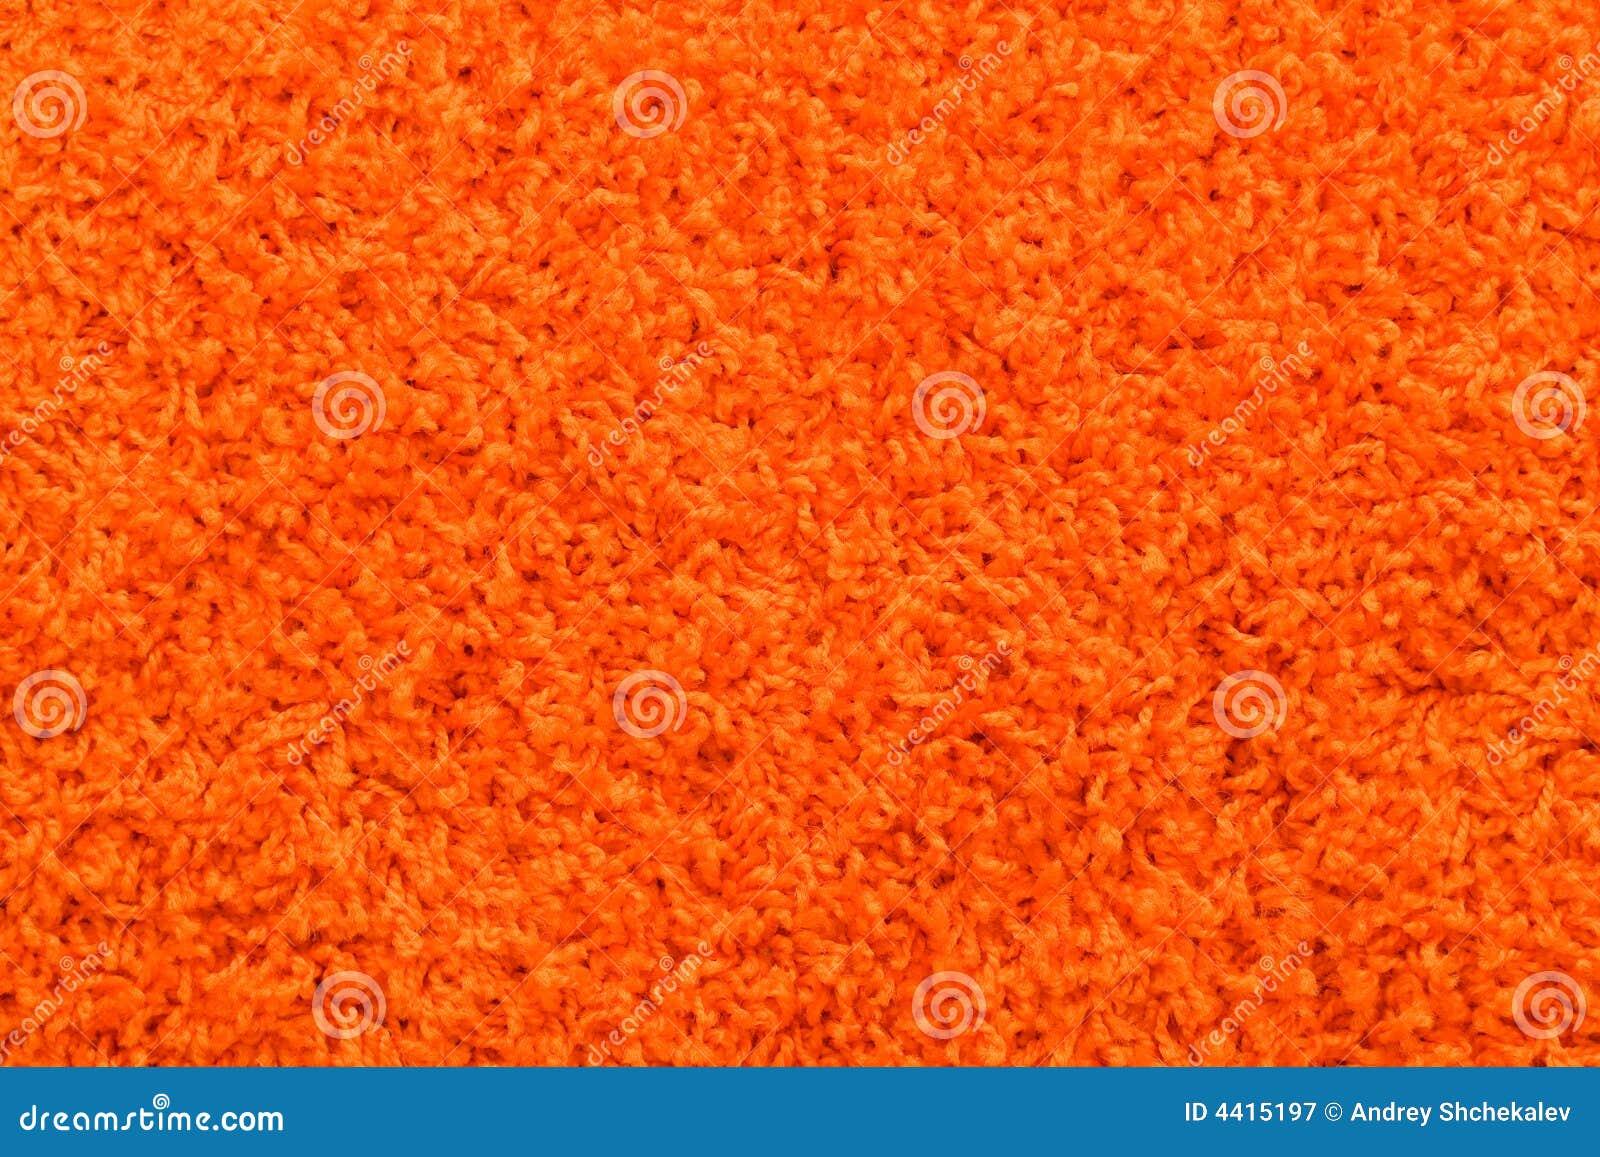 Orange Carpet Texture Stock Image Image Of Materials